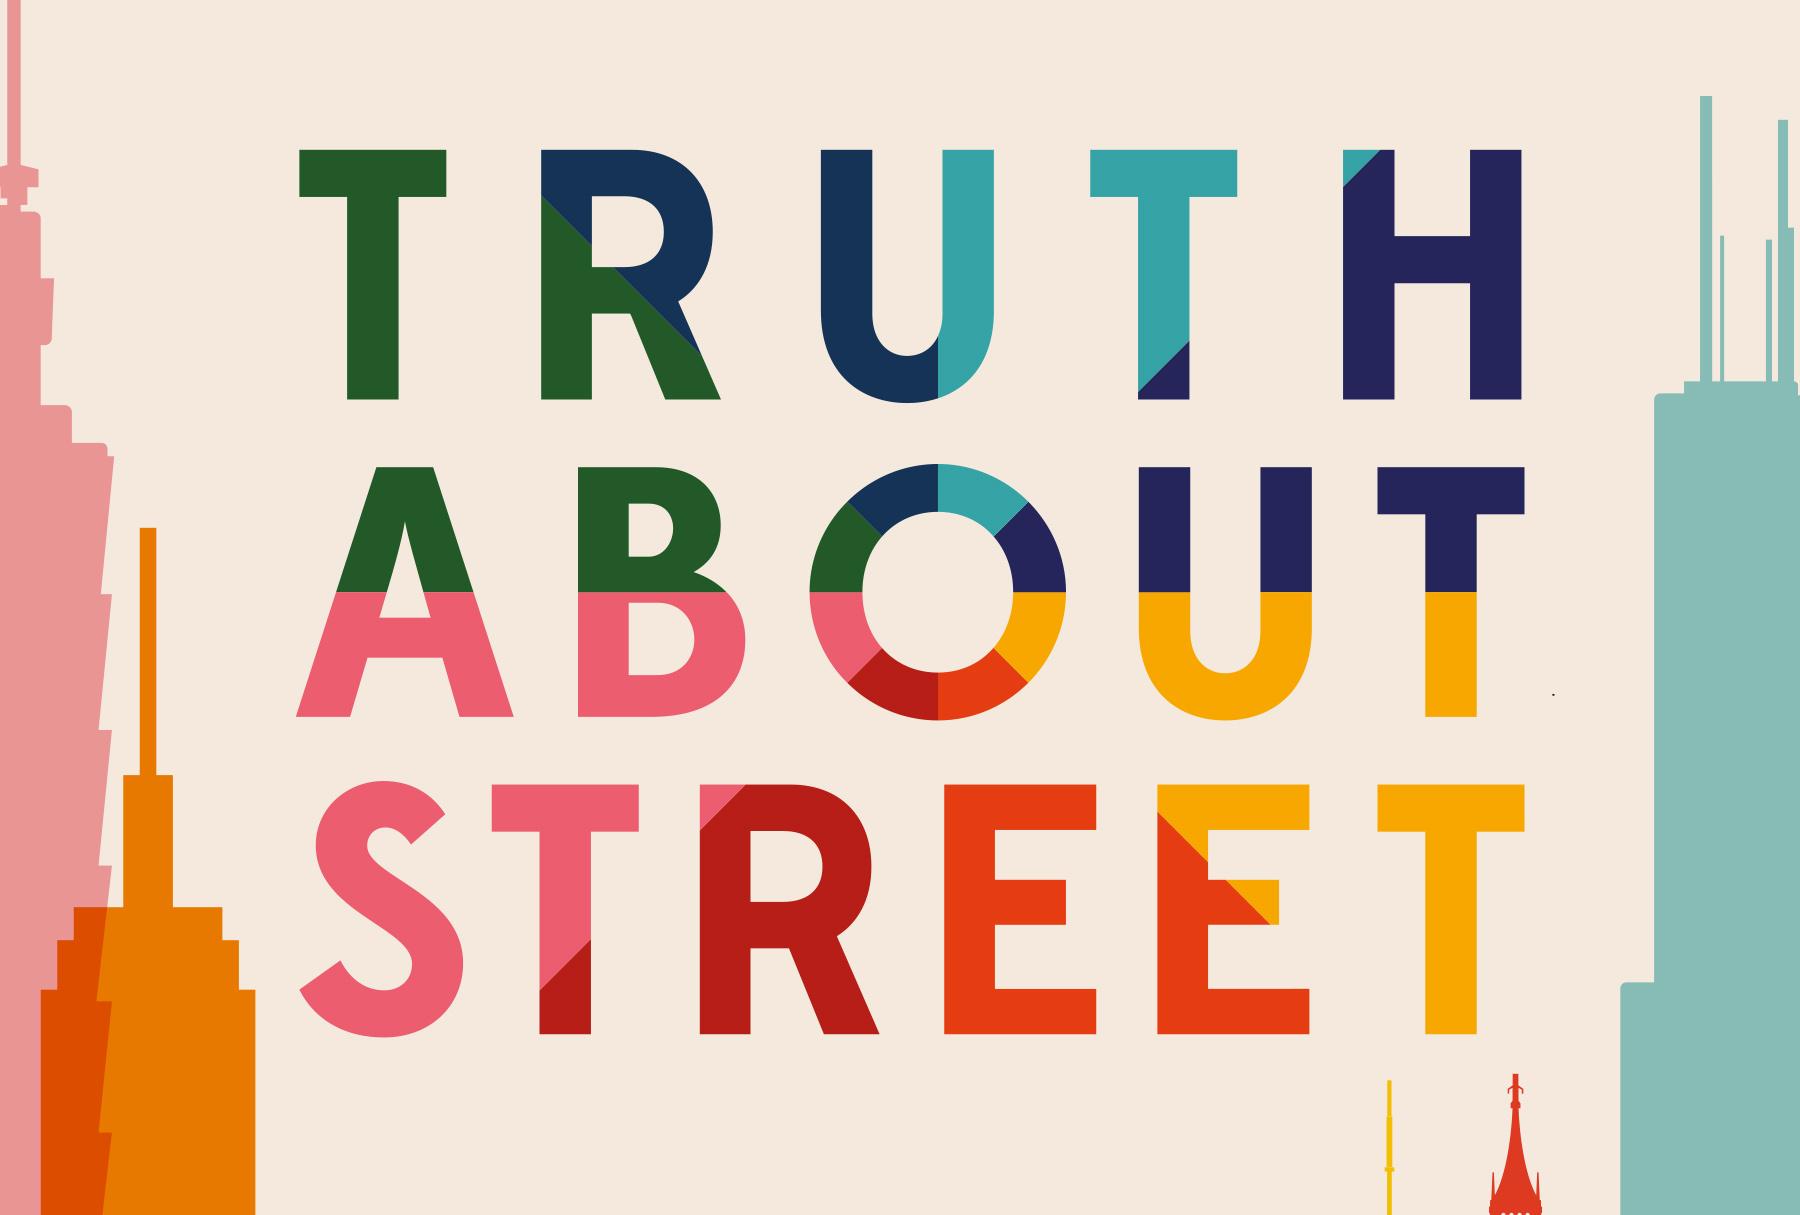 Truth About Street – McCann Worldgroup startet erstmals globale Umfrage mit Mitarbeitern in über 100 Ländern